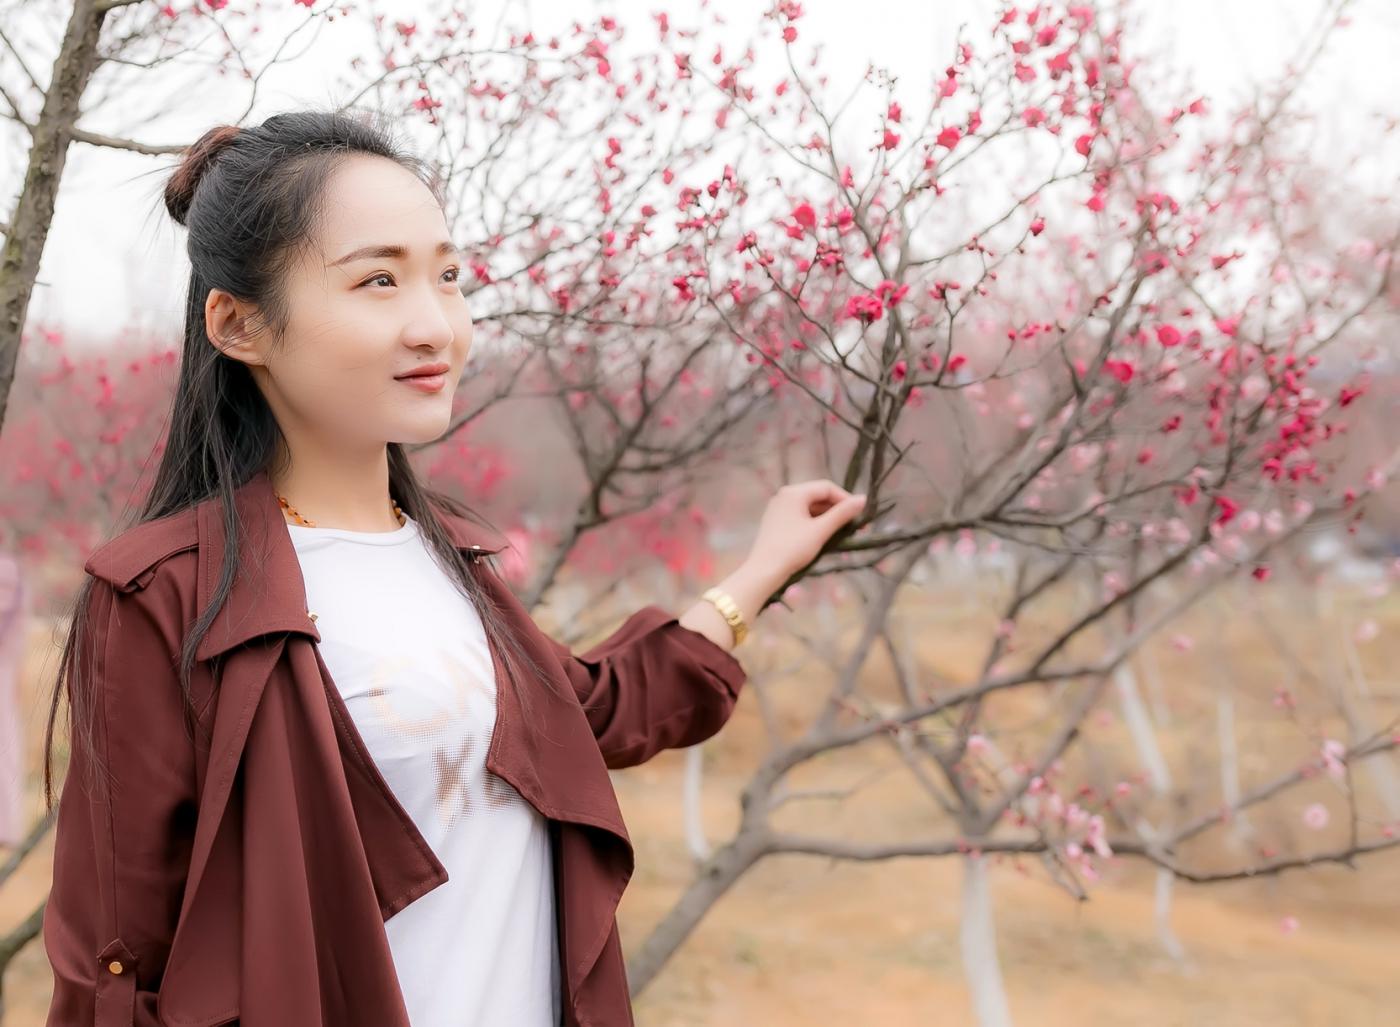 沂水雪山梅园走来一群赏梅踏春的沂蒙女孩 摄影人和女孩们成为梅园一道亮丽的风景线 ..._图1-23